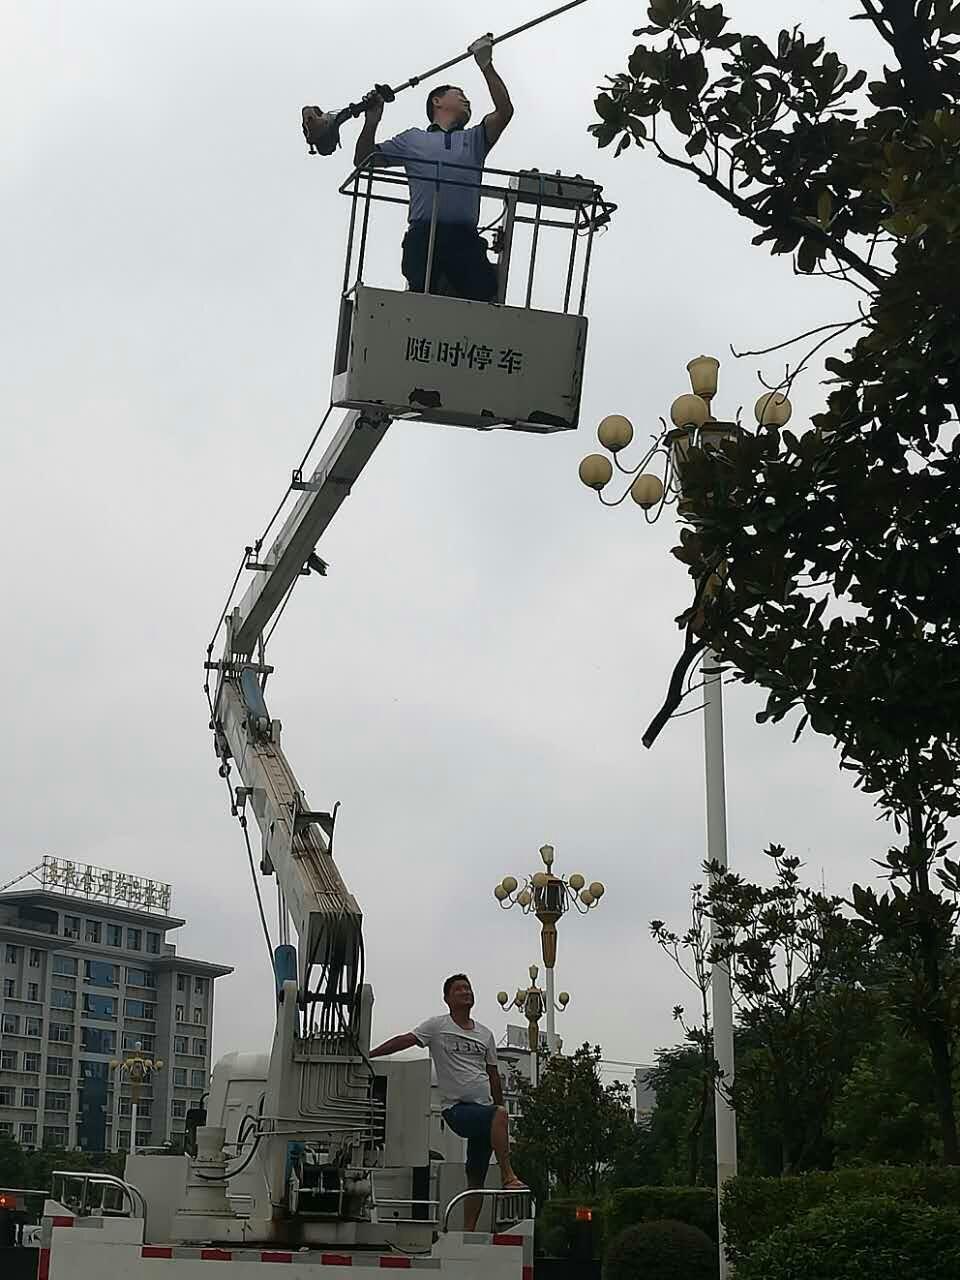 娄底市园林处园林工人清理树木枯枝 消除安全隐患